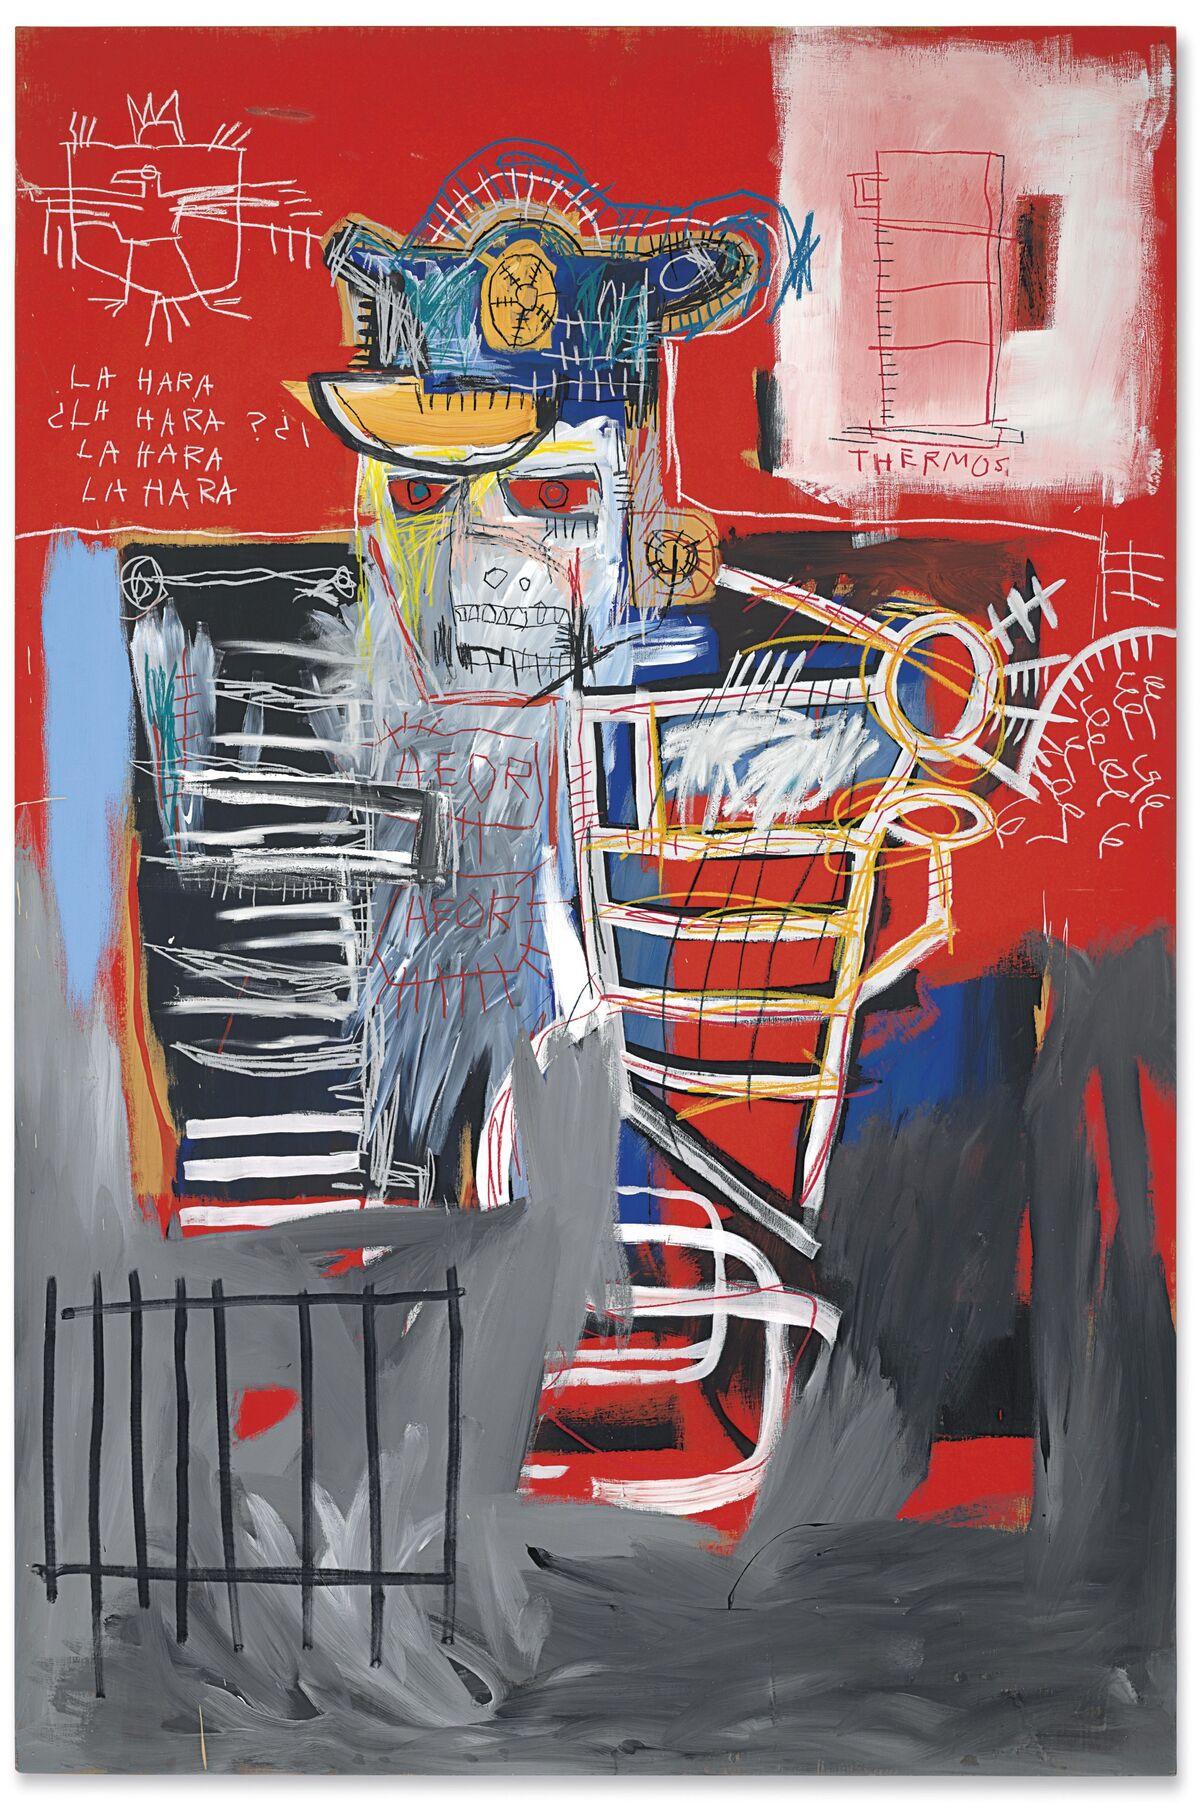 Jean-Michel Basquiat, La Hara, 1981. Courtesy of Christie's.